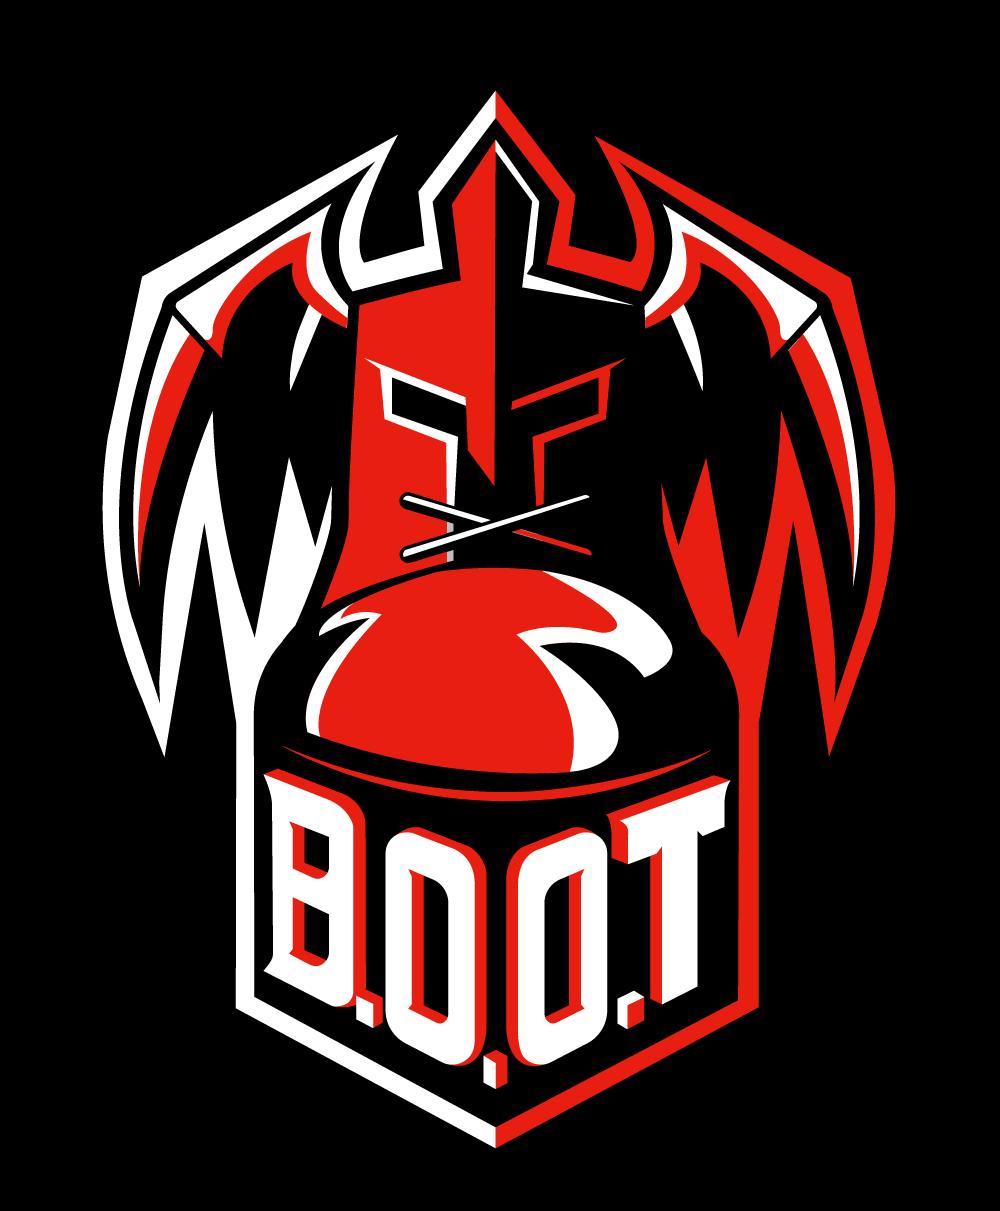 B.O.O.T-d[S]